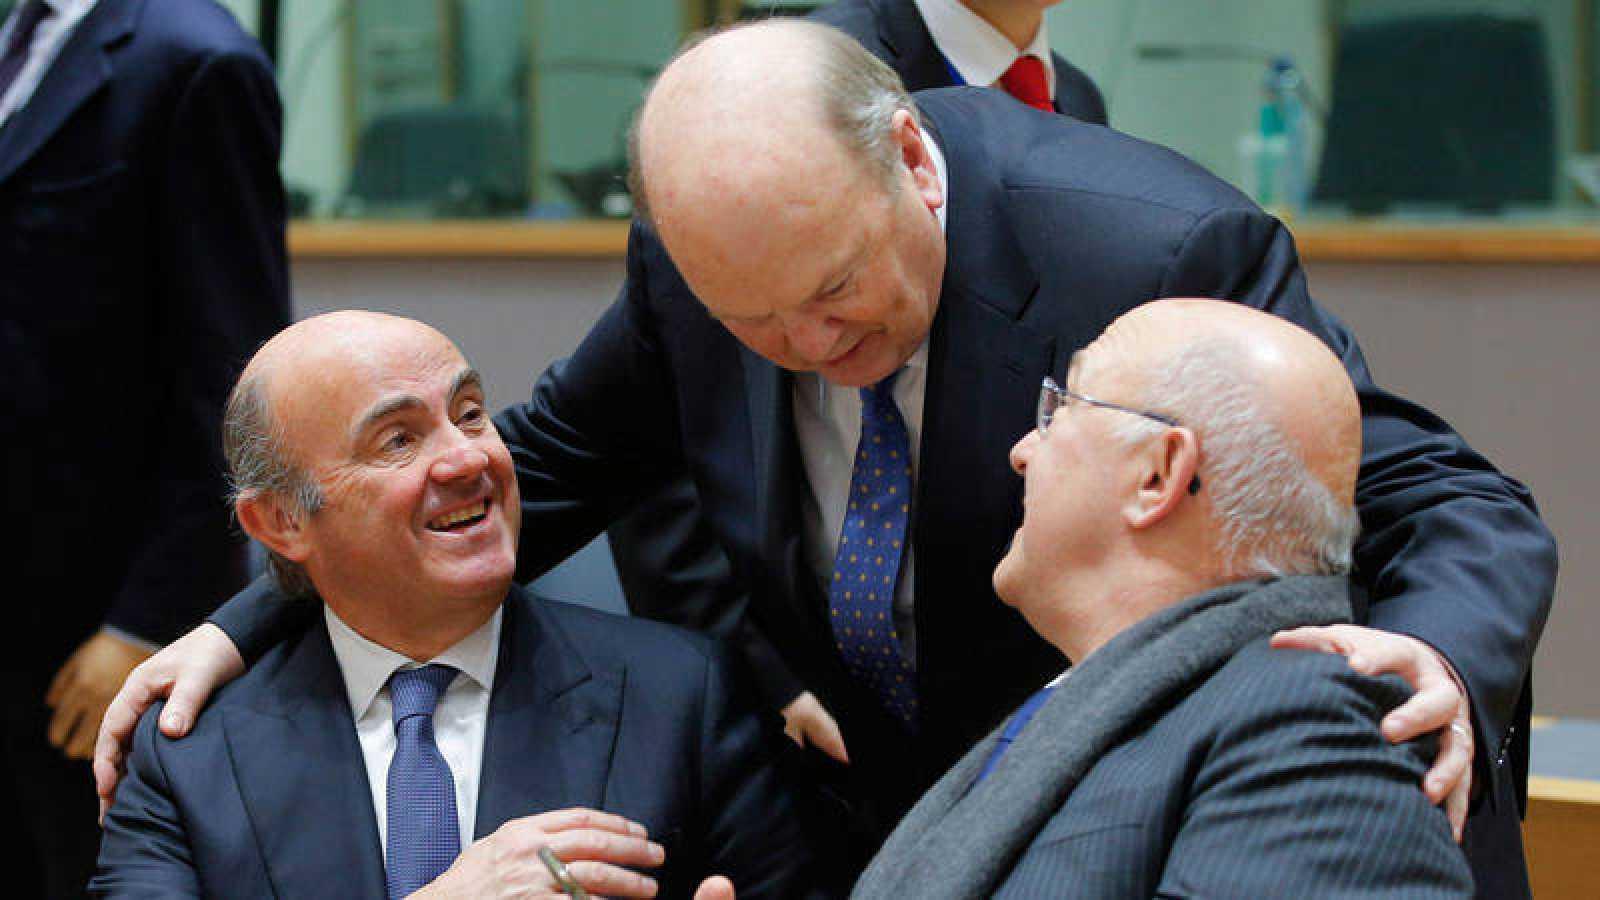 El ministro de Economía español, Luis de Guindos, conversa con el ministro de Finanzas francés, Michel Sapin ,y su homólogo irlandés, Michael Noonan, durante la reunión de ministros de Economía y Finanzas de la eurozona (Eurogrupo) en Bruselas